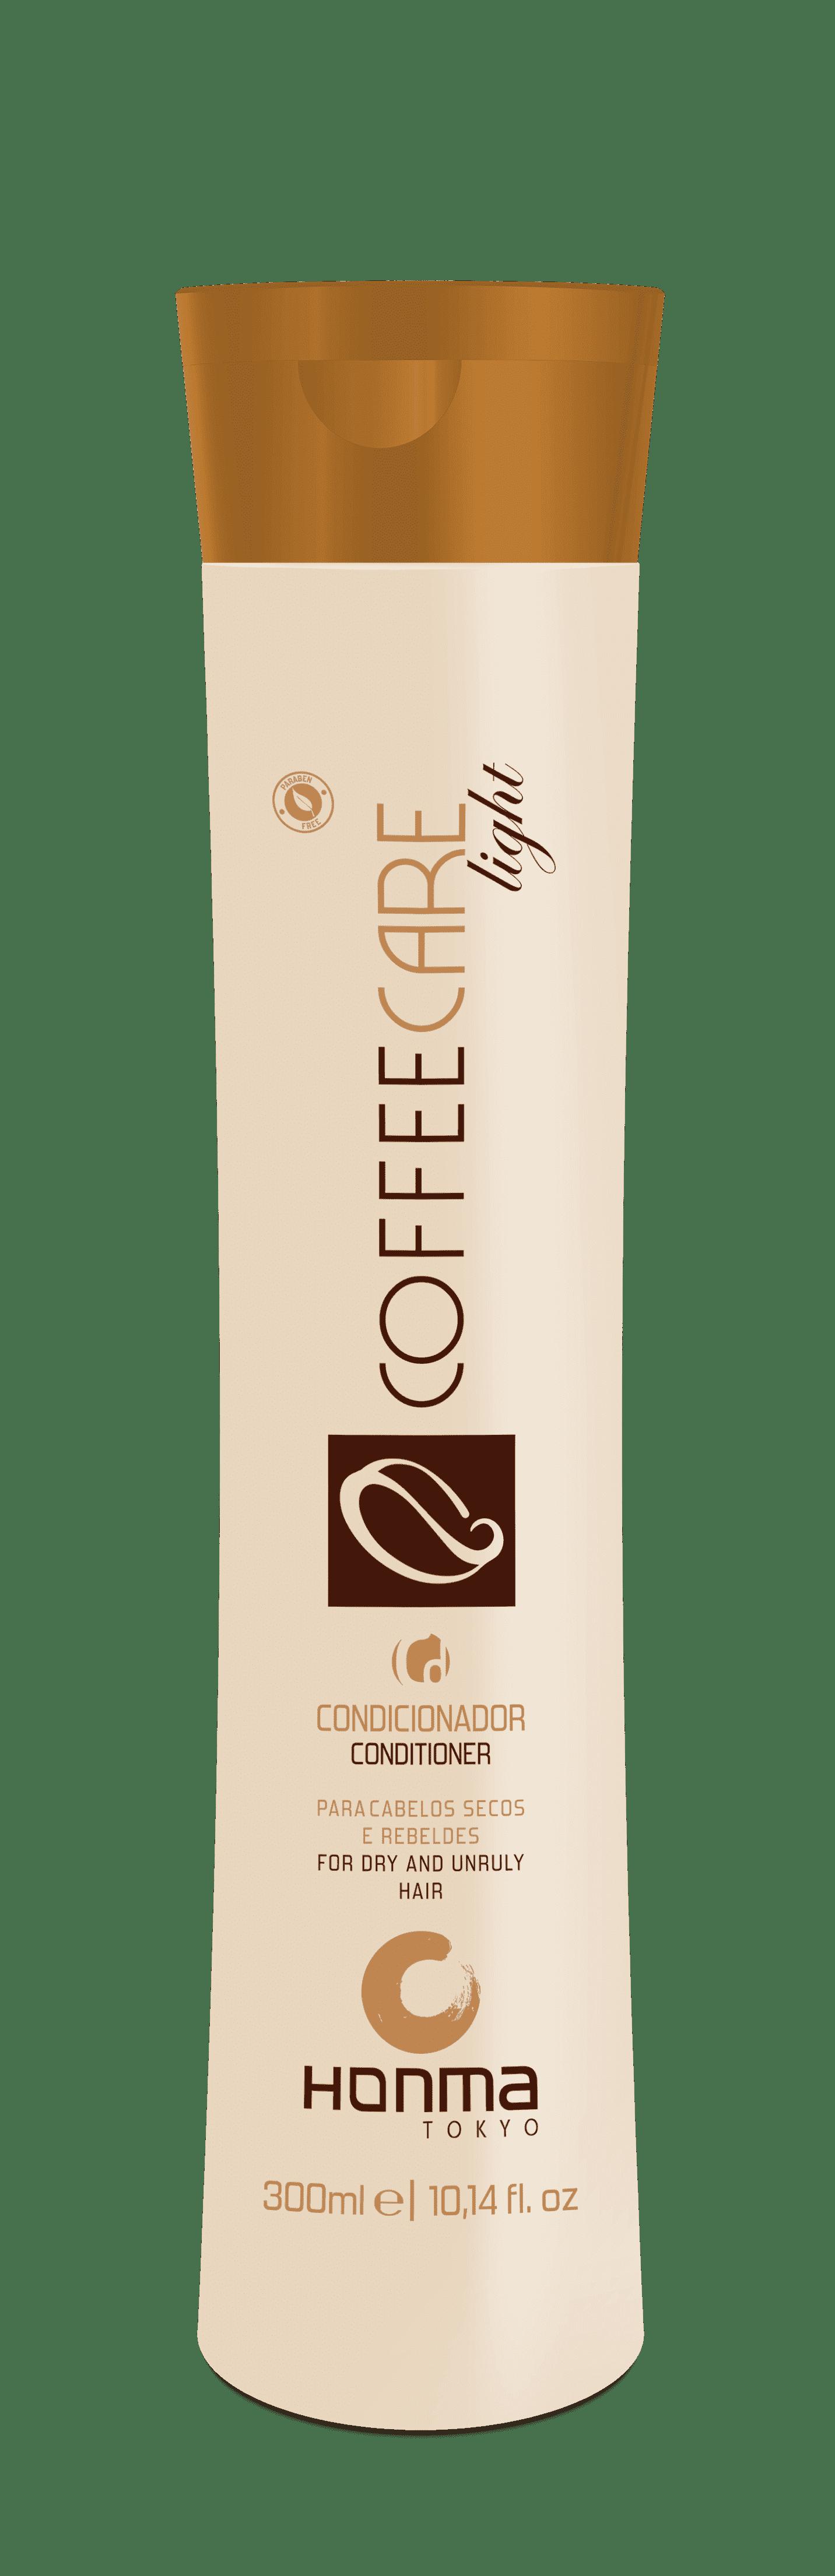 Honma Tokyo Coffee Care Light Питательный кондиционер питание и укрепление, 300 мл, Coffee Care Light Питательный кондиционер питание и укрепление, 300 мл, 300 мл